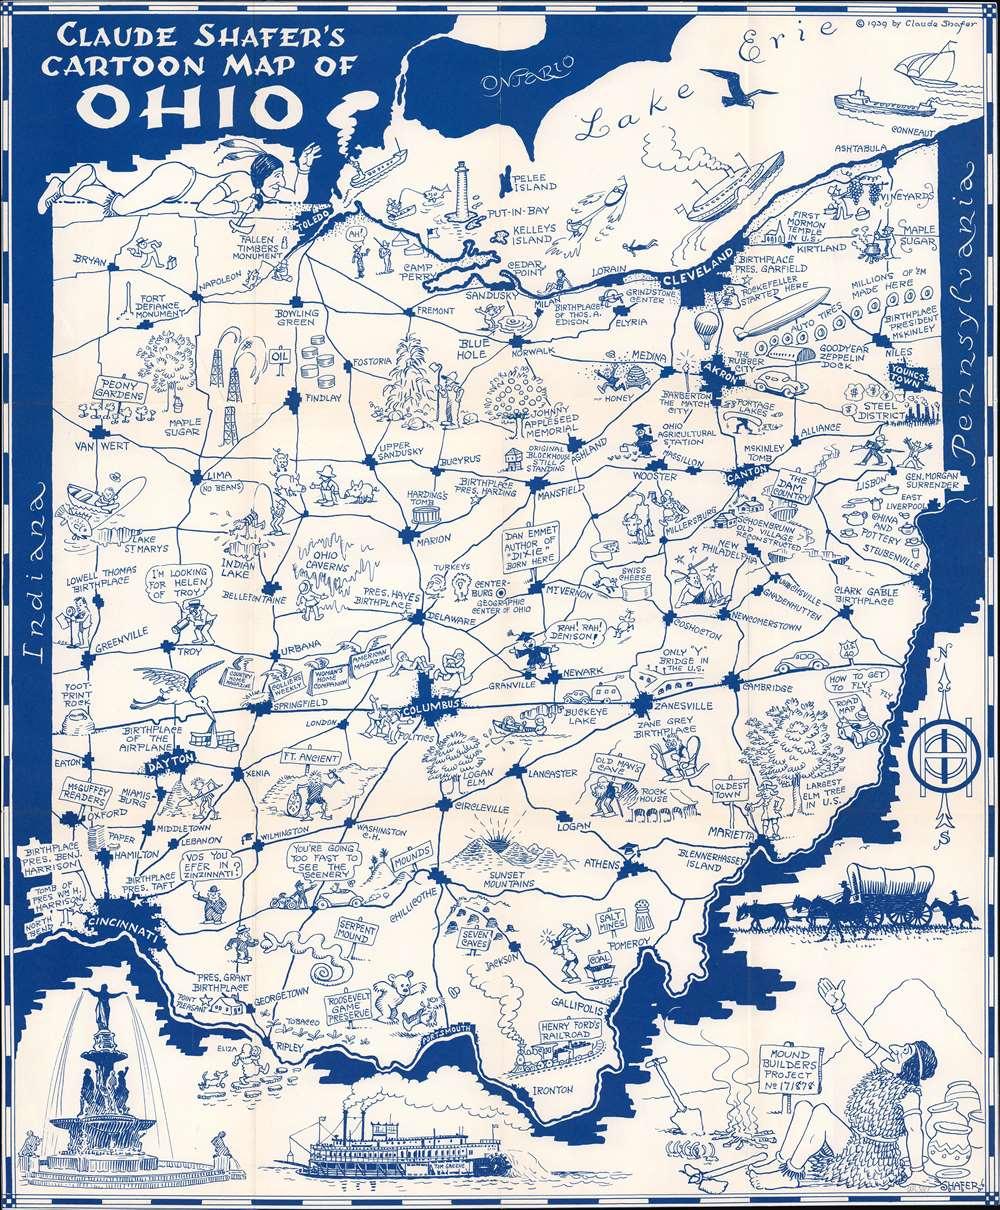 Claude Shafer's Cartoon Map of Ohio. - Main View